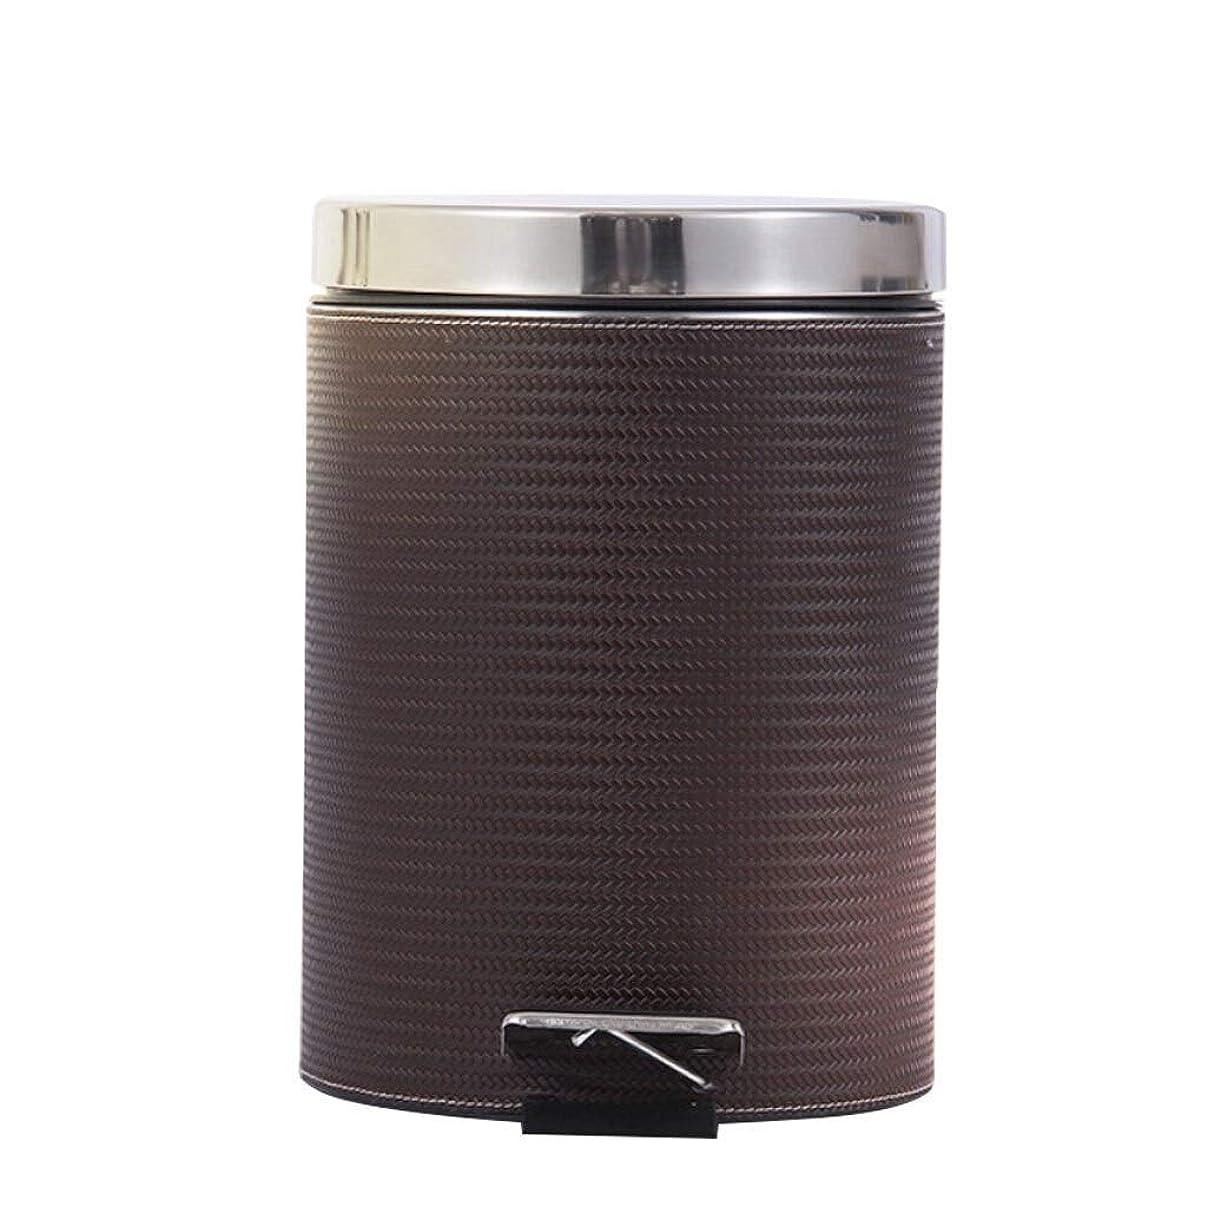 安定した衰える百科事典屋外ゴミ収納庫 ふたの世帯のペダルの古紙のバスケットの浴室のゴミ箱が付いているゴミ箱8Lの台所 ごみ箱